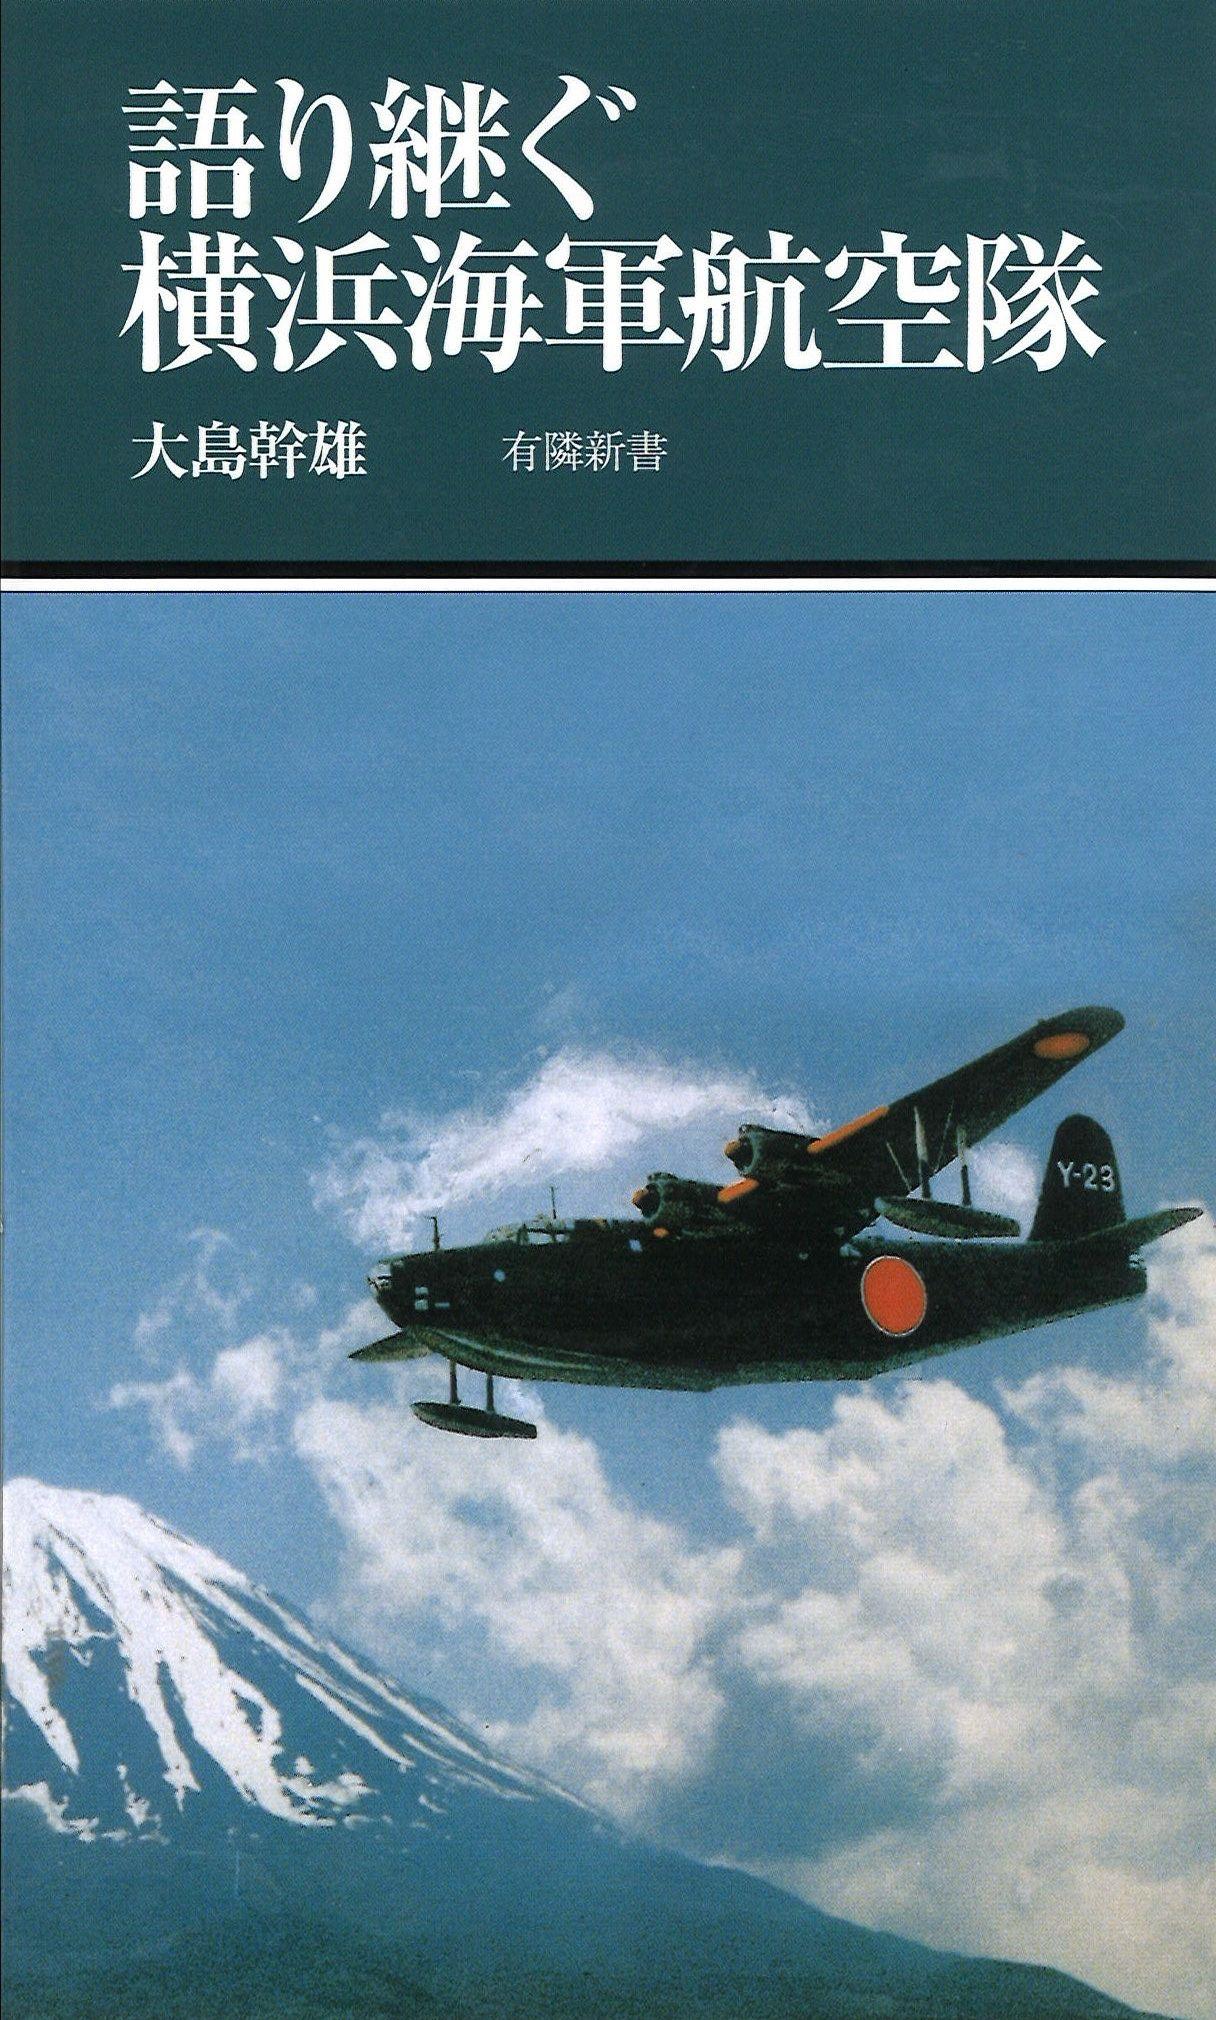 語り継ぐ横浜海軍航空隊